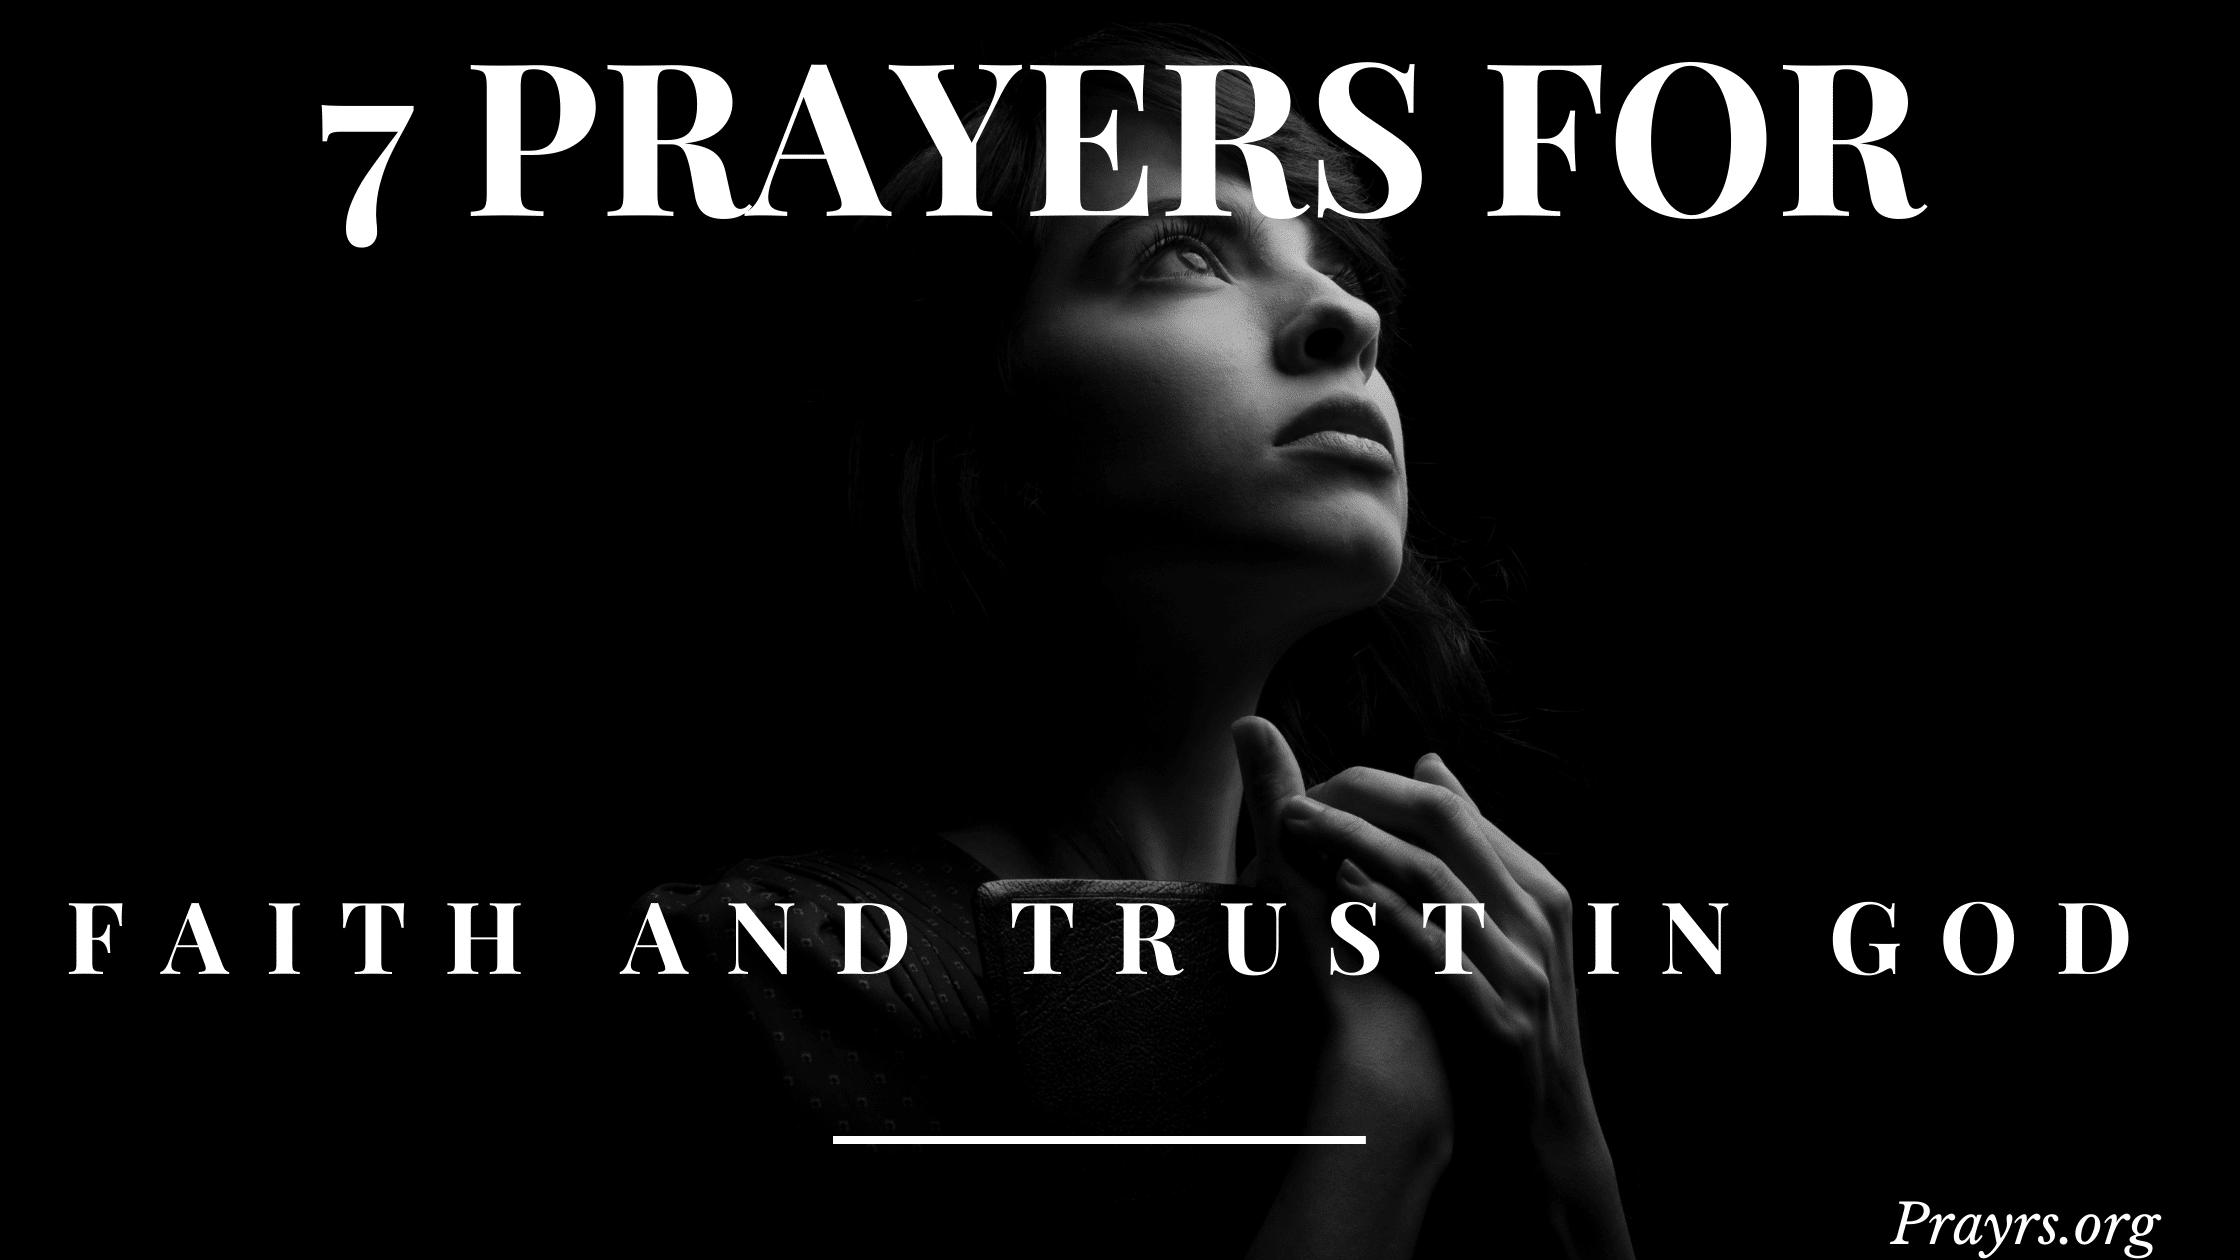 Prayers for Faith and Trust in God